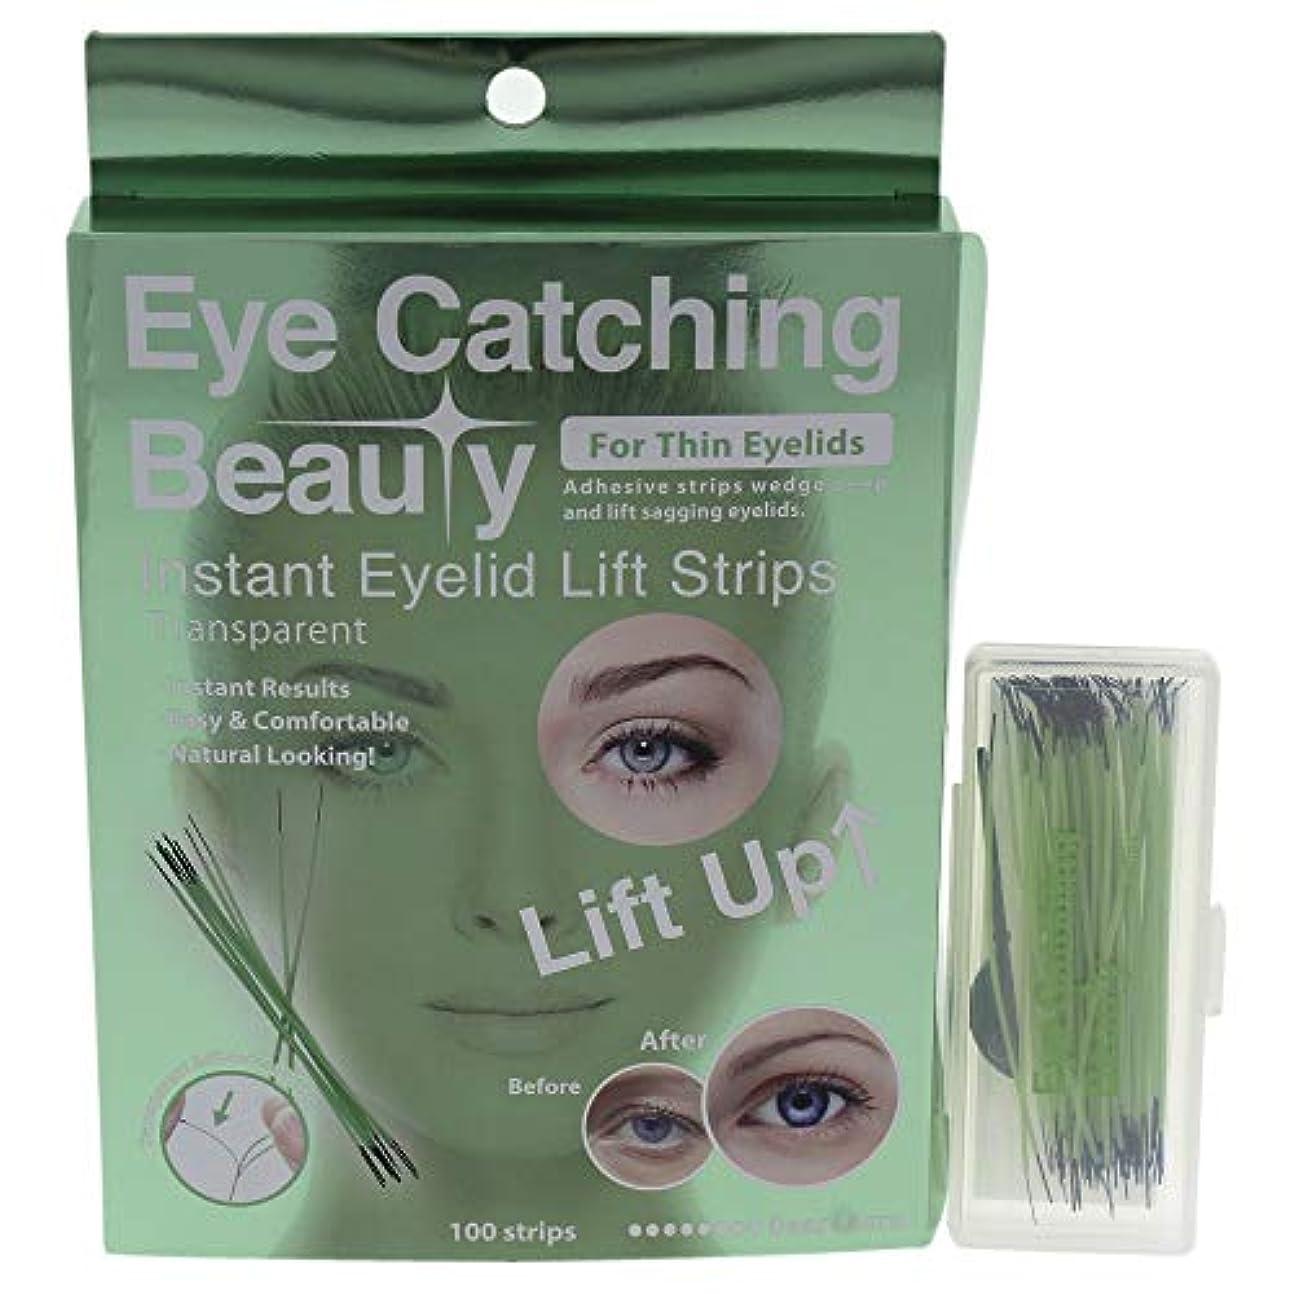 瀬戸際酔って日付Eye Catching Beauty Instant Eyelid Lift Strips